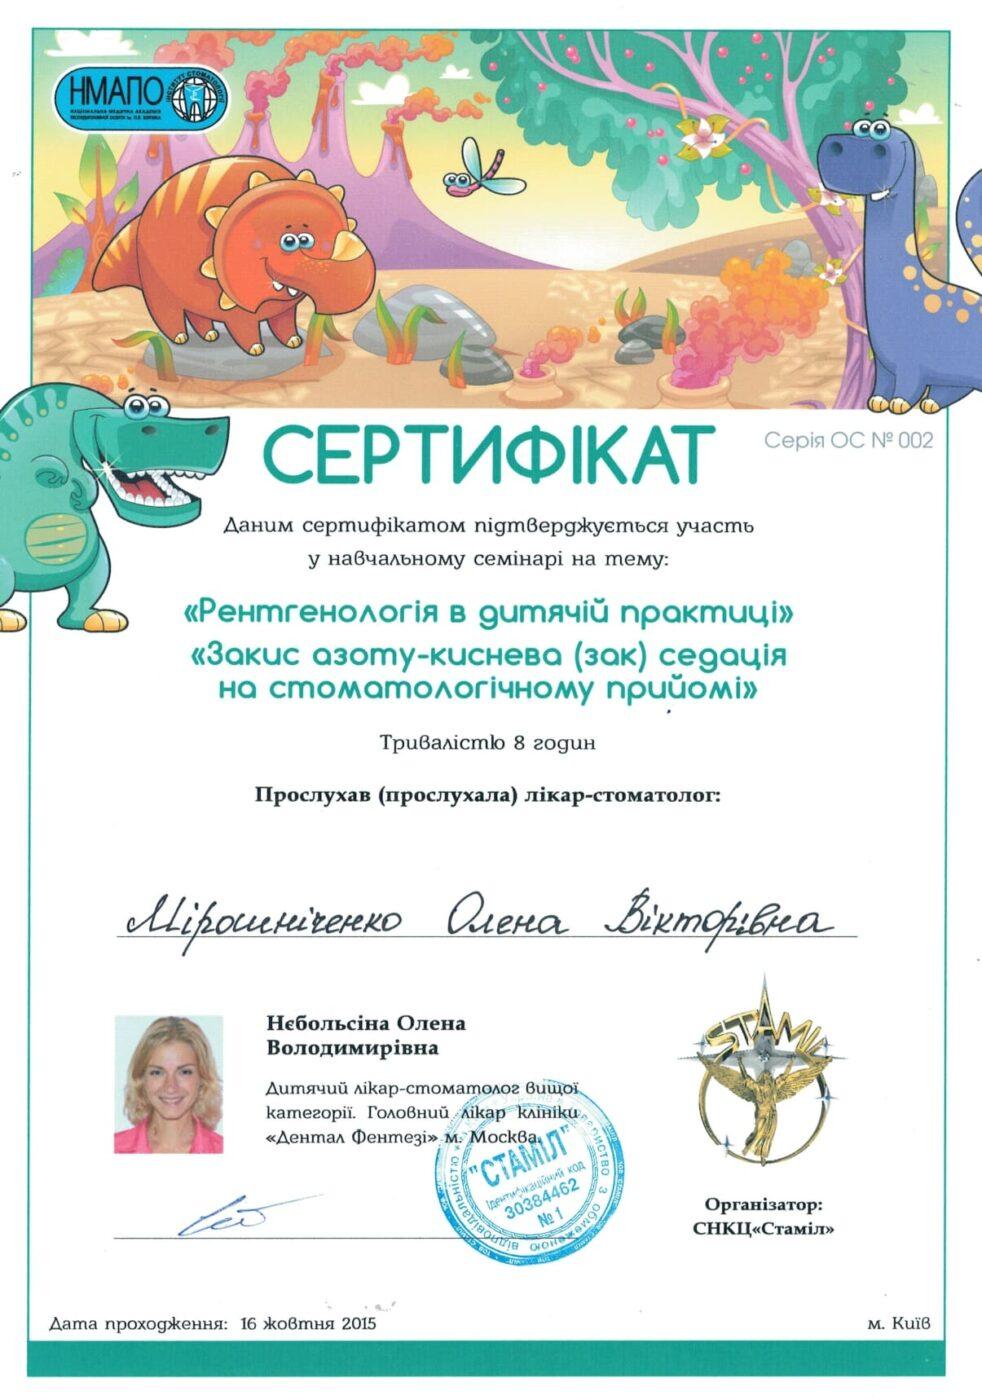 Сертификат подтверждающий участие Алёны Мирошниченко в курсе - Рентгенология в детской практики